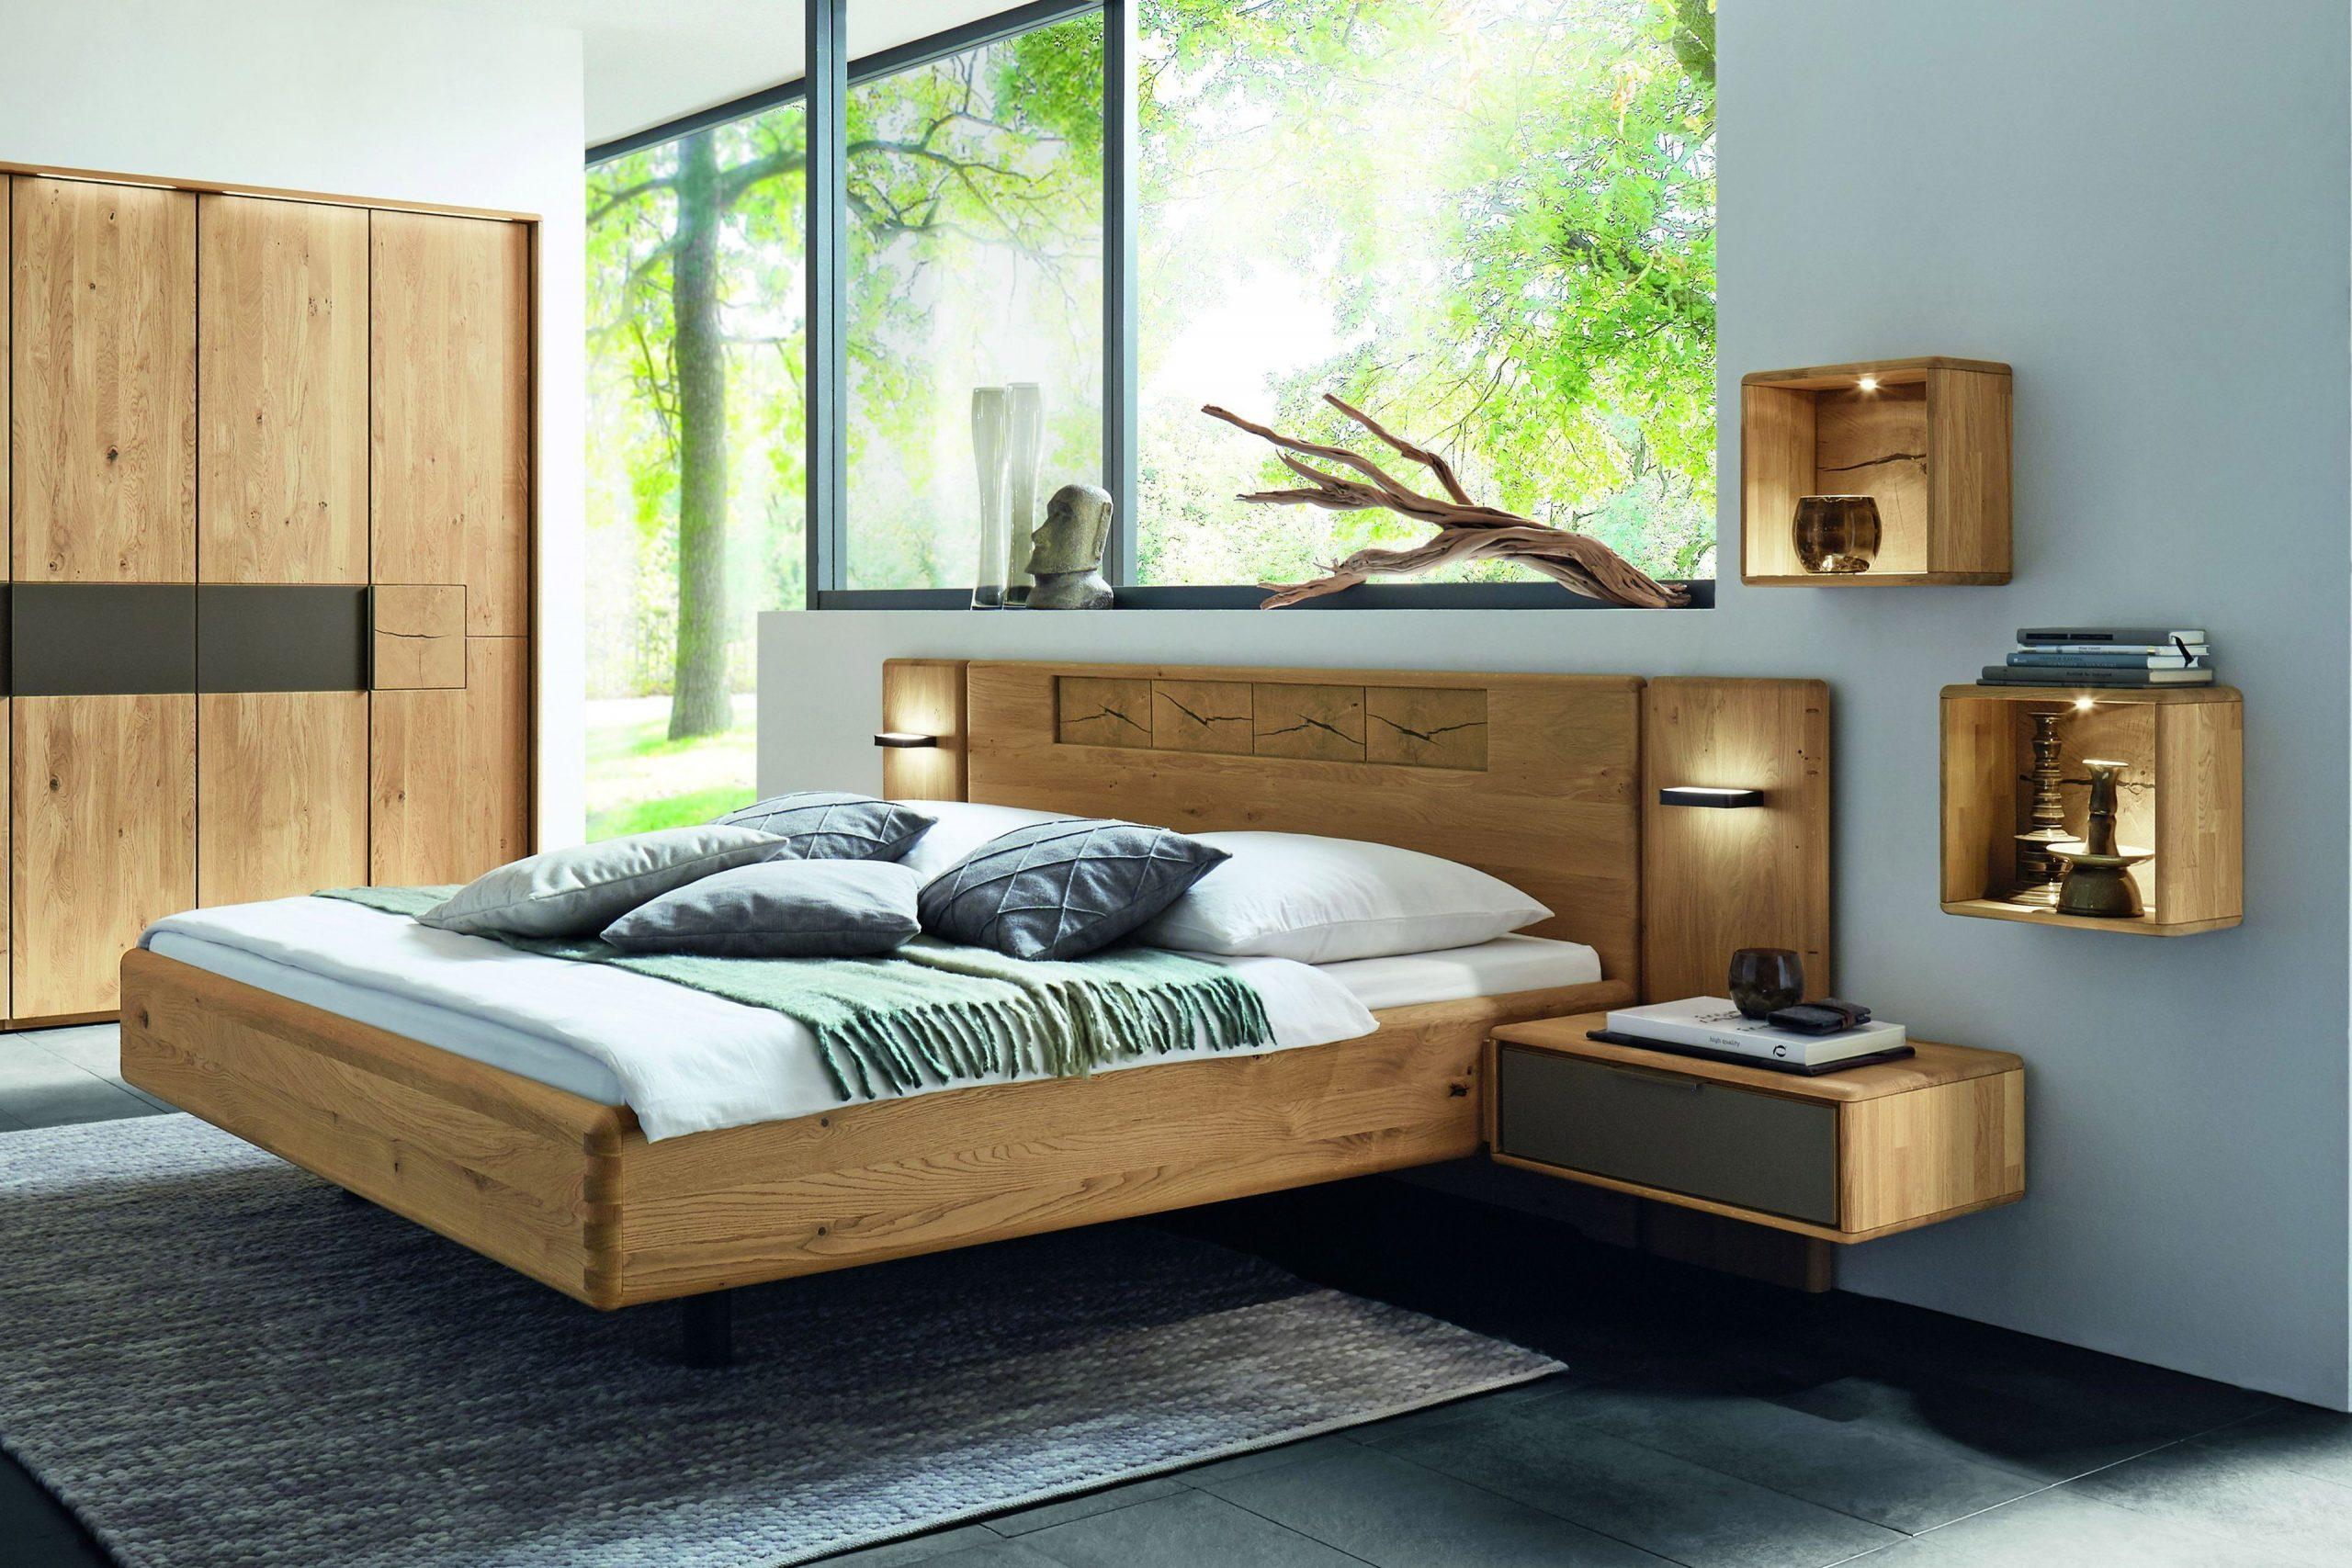 Full Size of Schlafzimmer Massivholz Komplett Wohnzimmer Holzmbel Teppich Landhaus Massivholzküche Deckenleuchte Bett 160x200 Stuhl Deckenleuchten Set Mit Matratze Und Schlafzimmer Schlafzimmer Komplett Massivholz